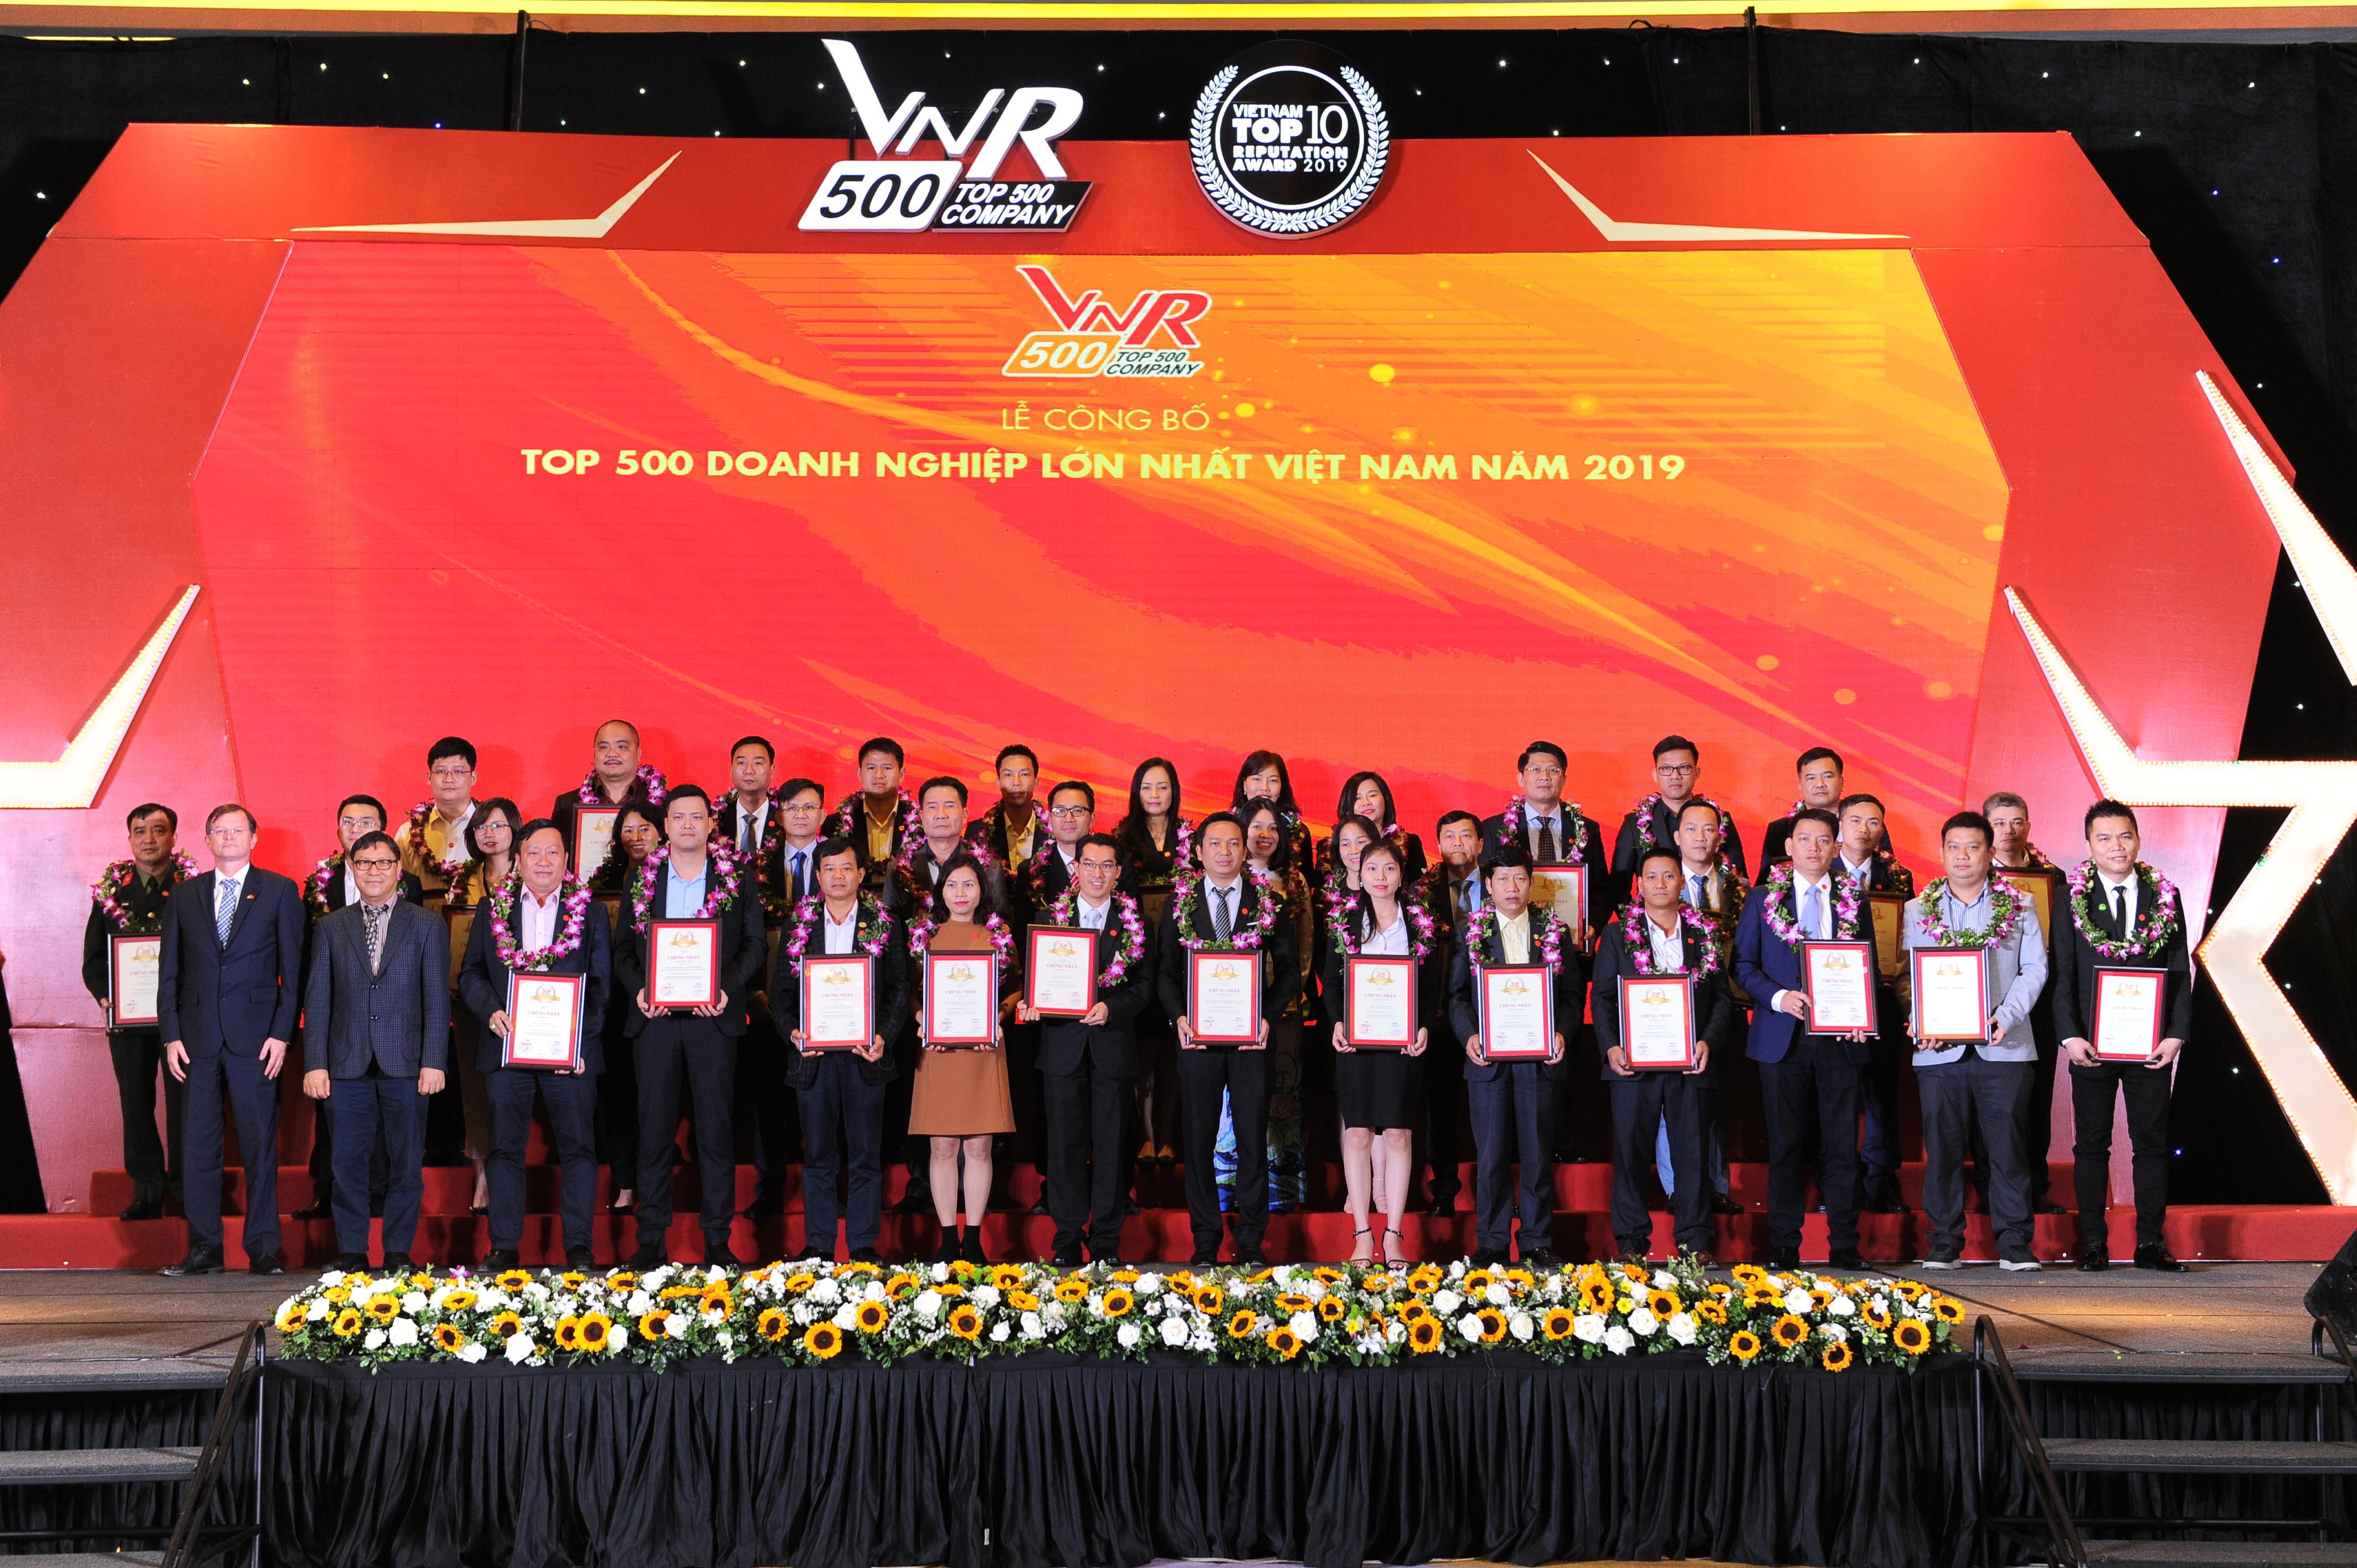 Lễ công bố Top 500 Doanh nghiệp lớn nhất Việt Nam năm 2019